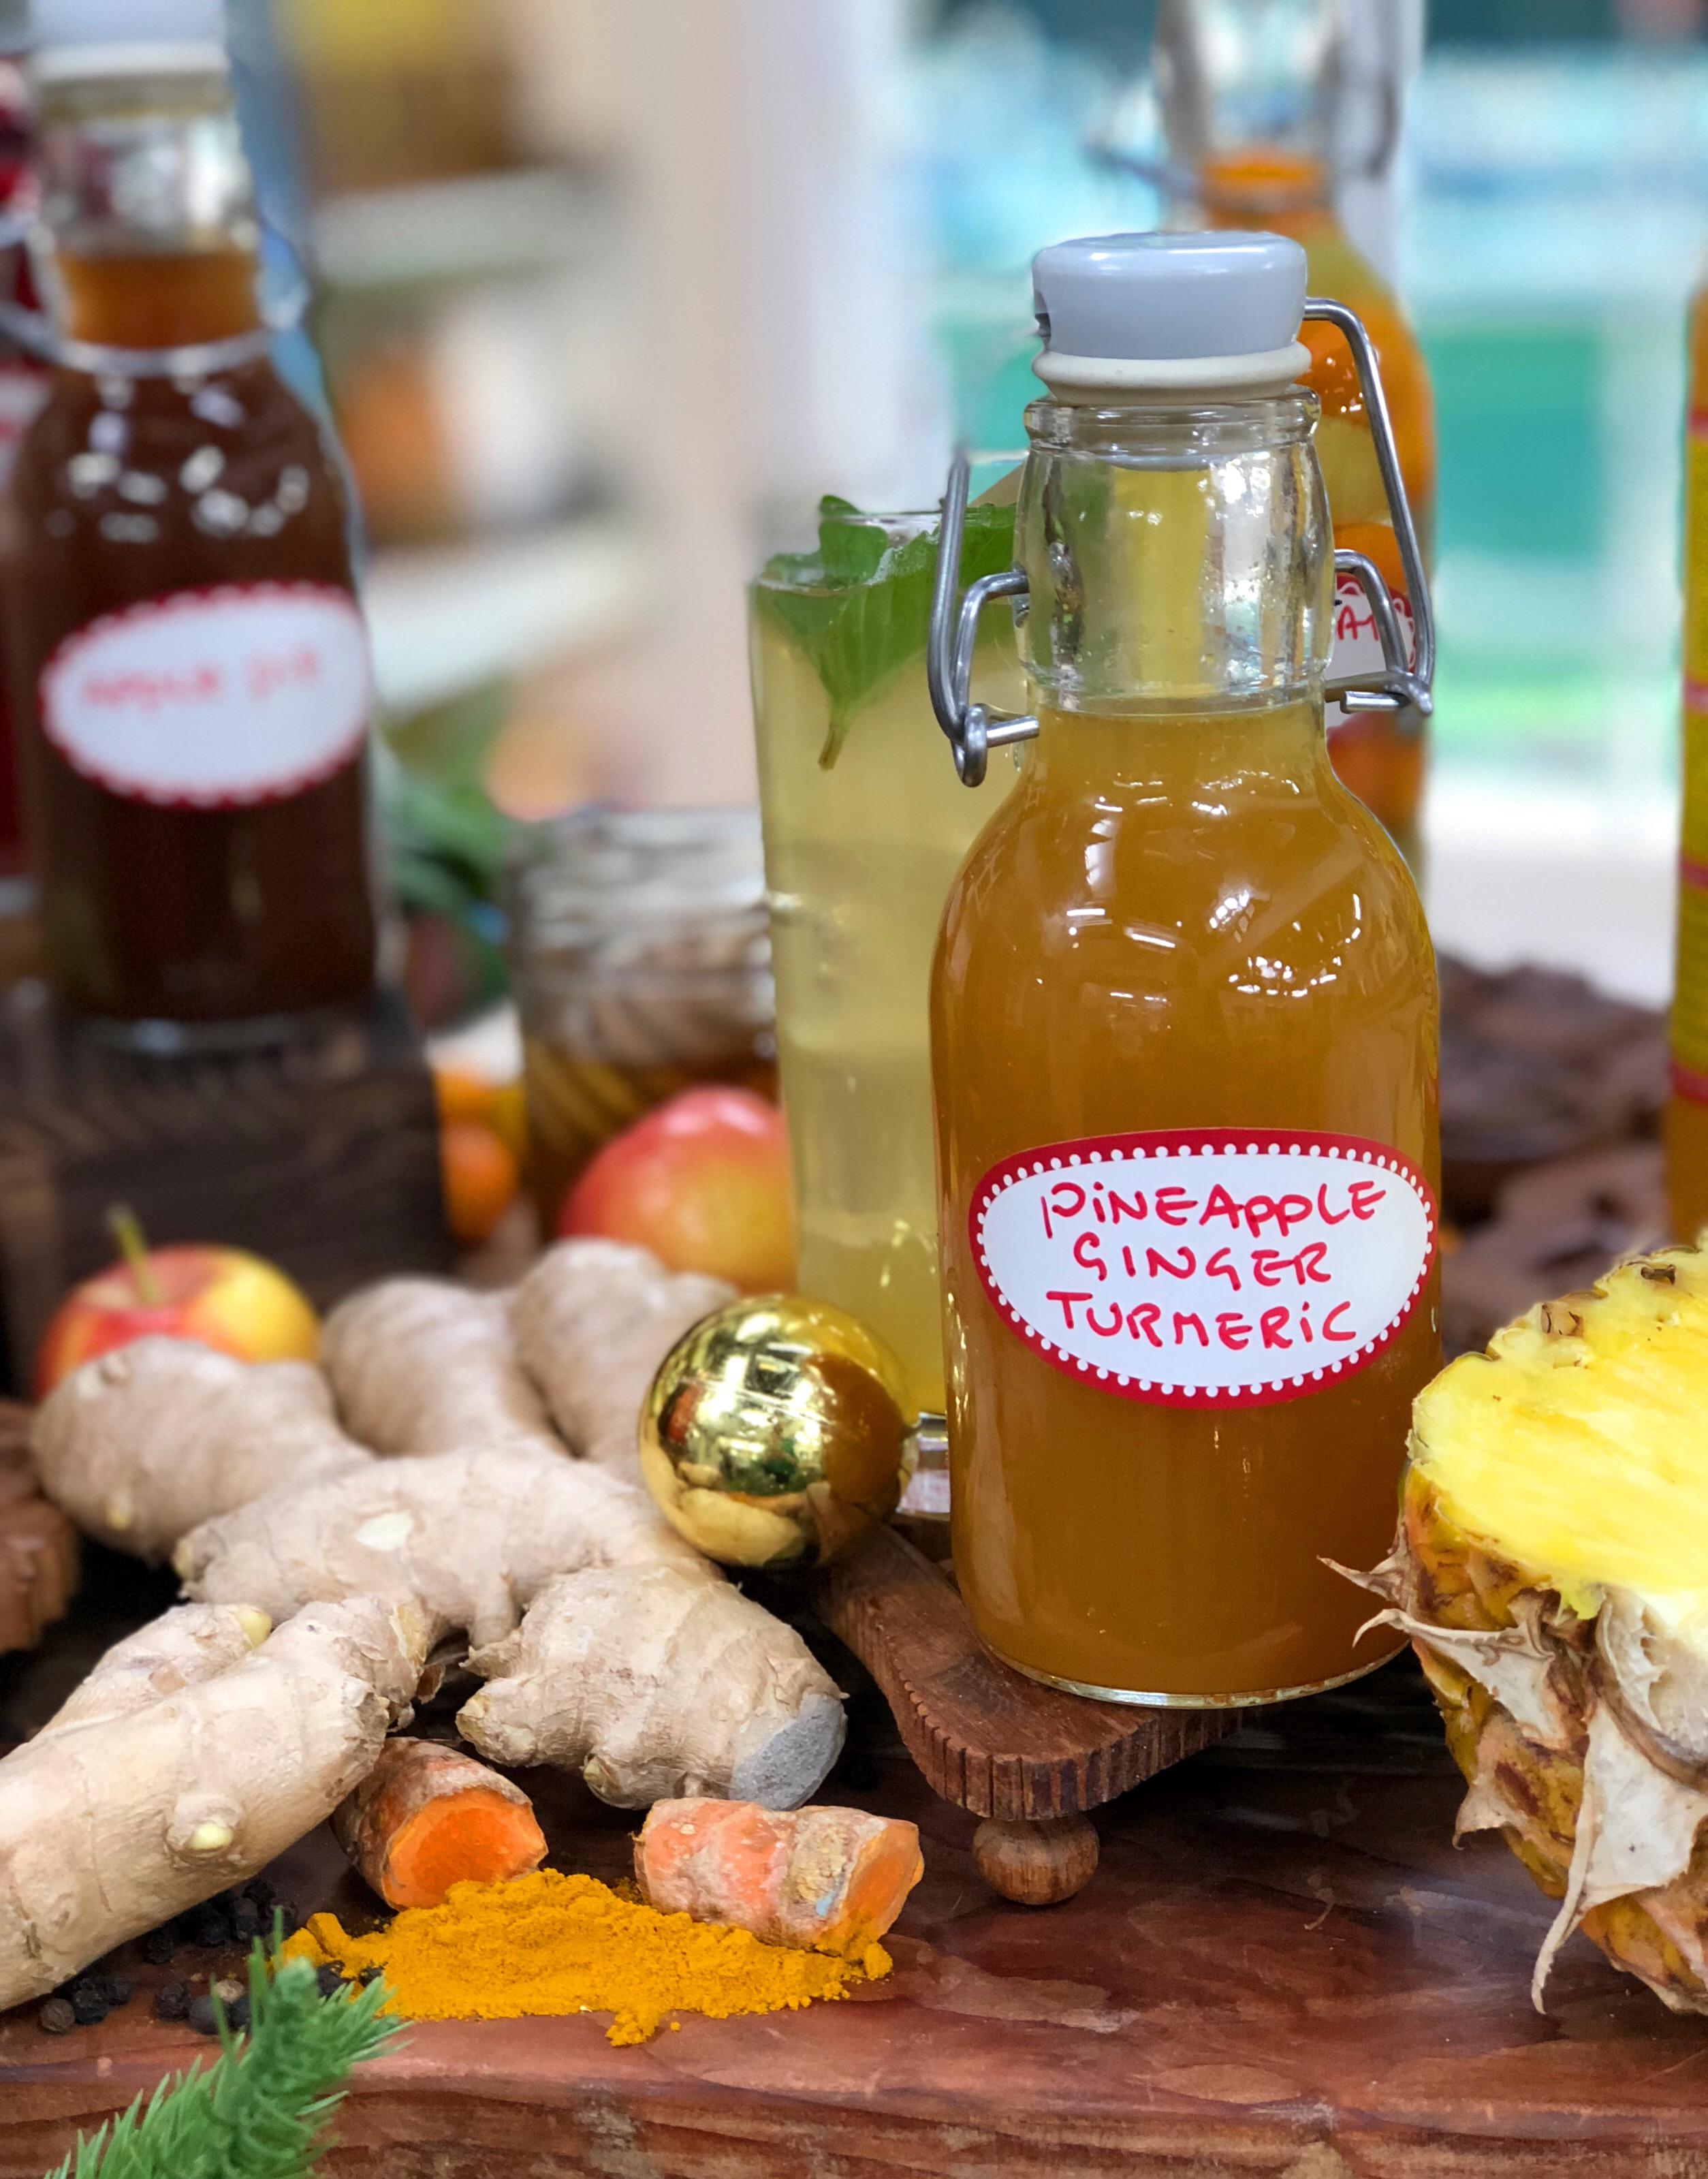 Pineapple Ginger Turmeric Shrub